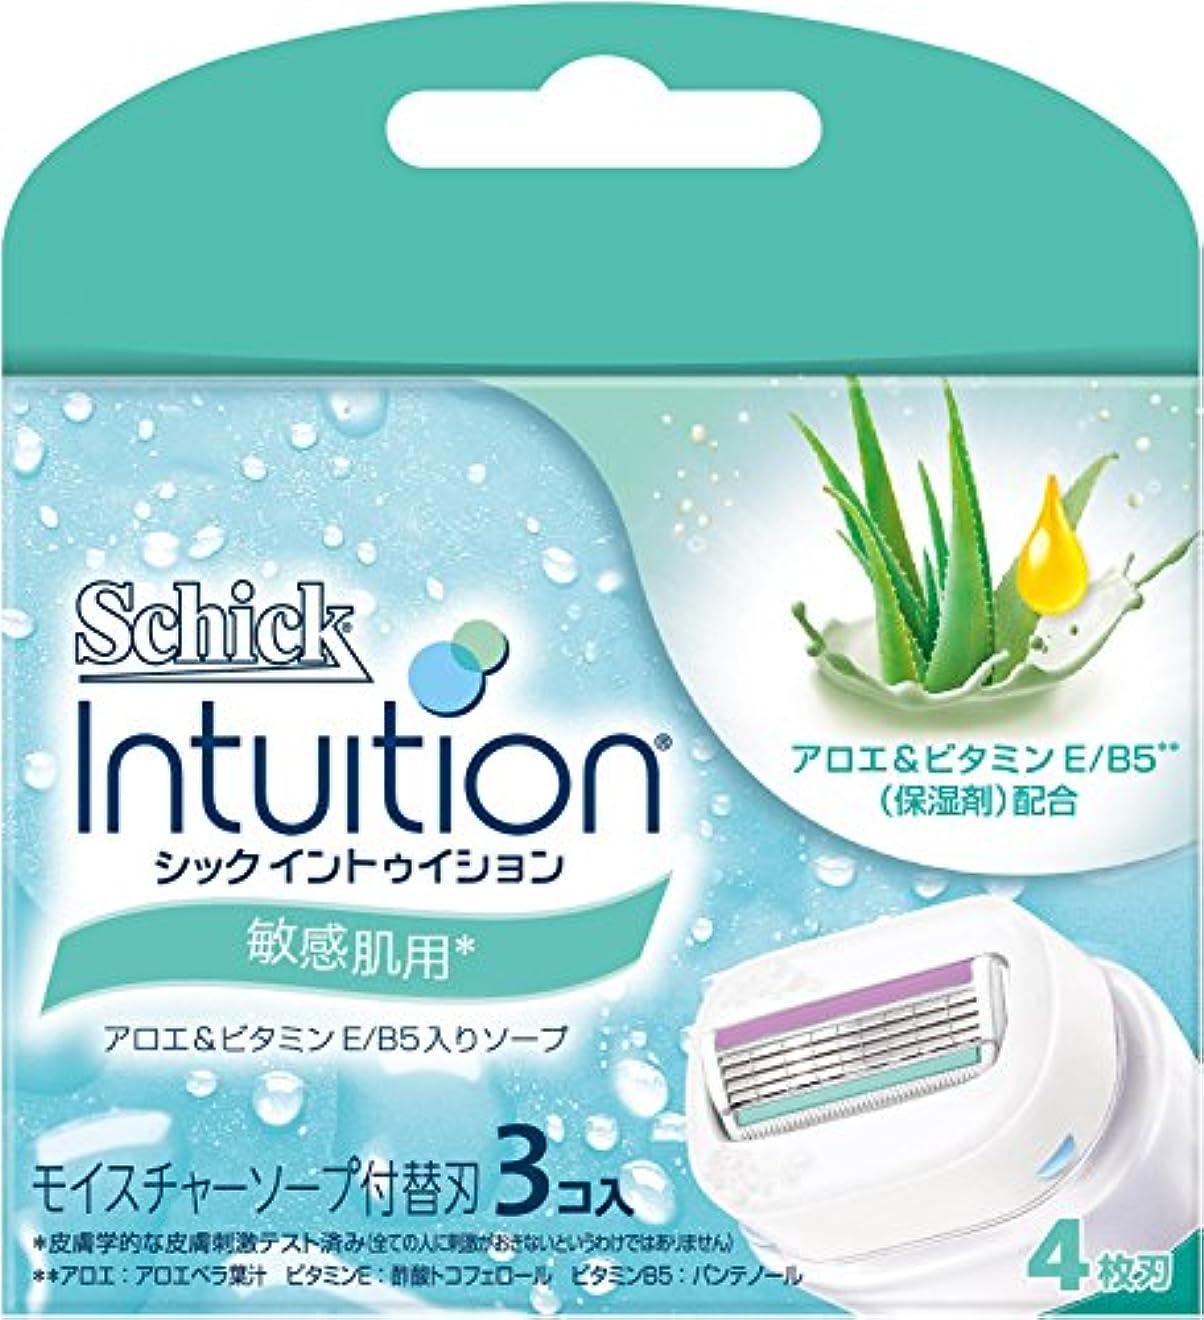 噴出する発掘有用シック Schick イントゥイション 替刃 女性用 カミソリ 敏感肌用(3コ入)